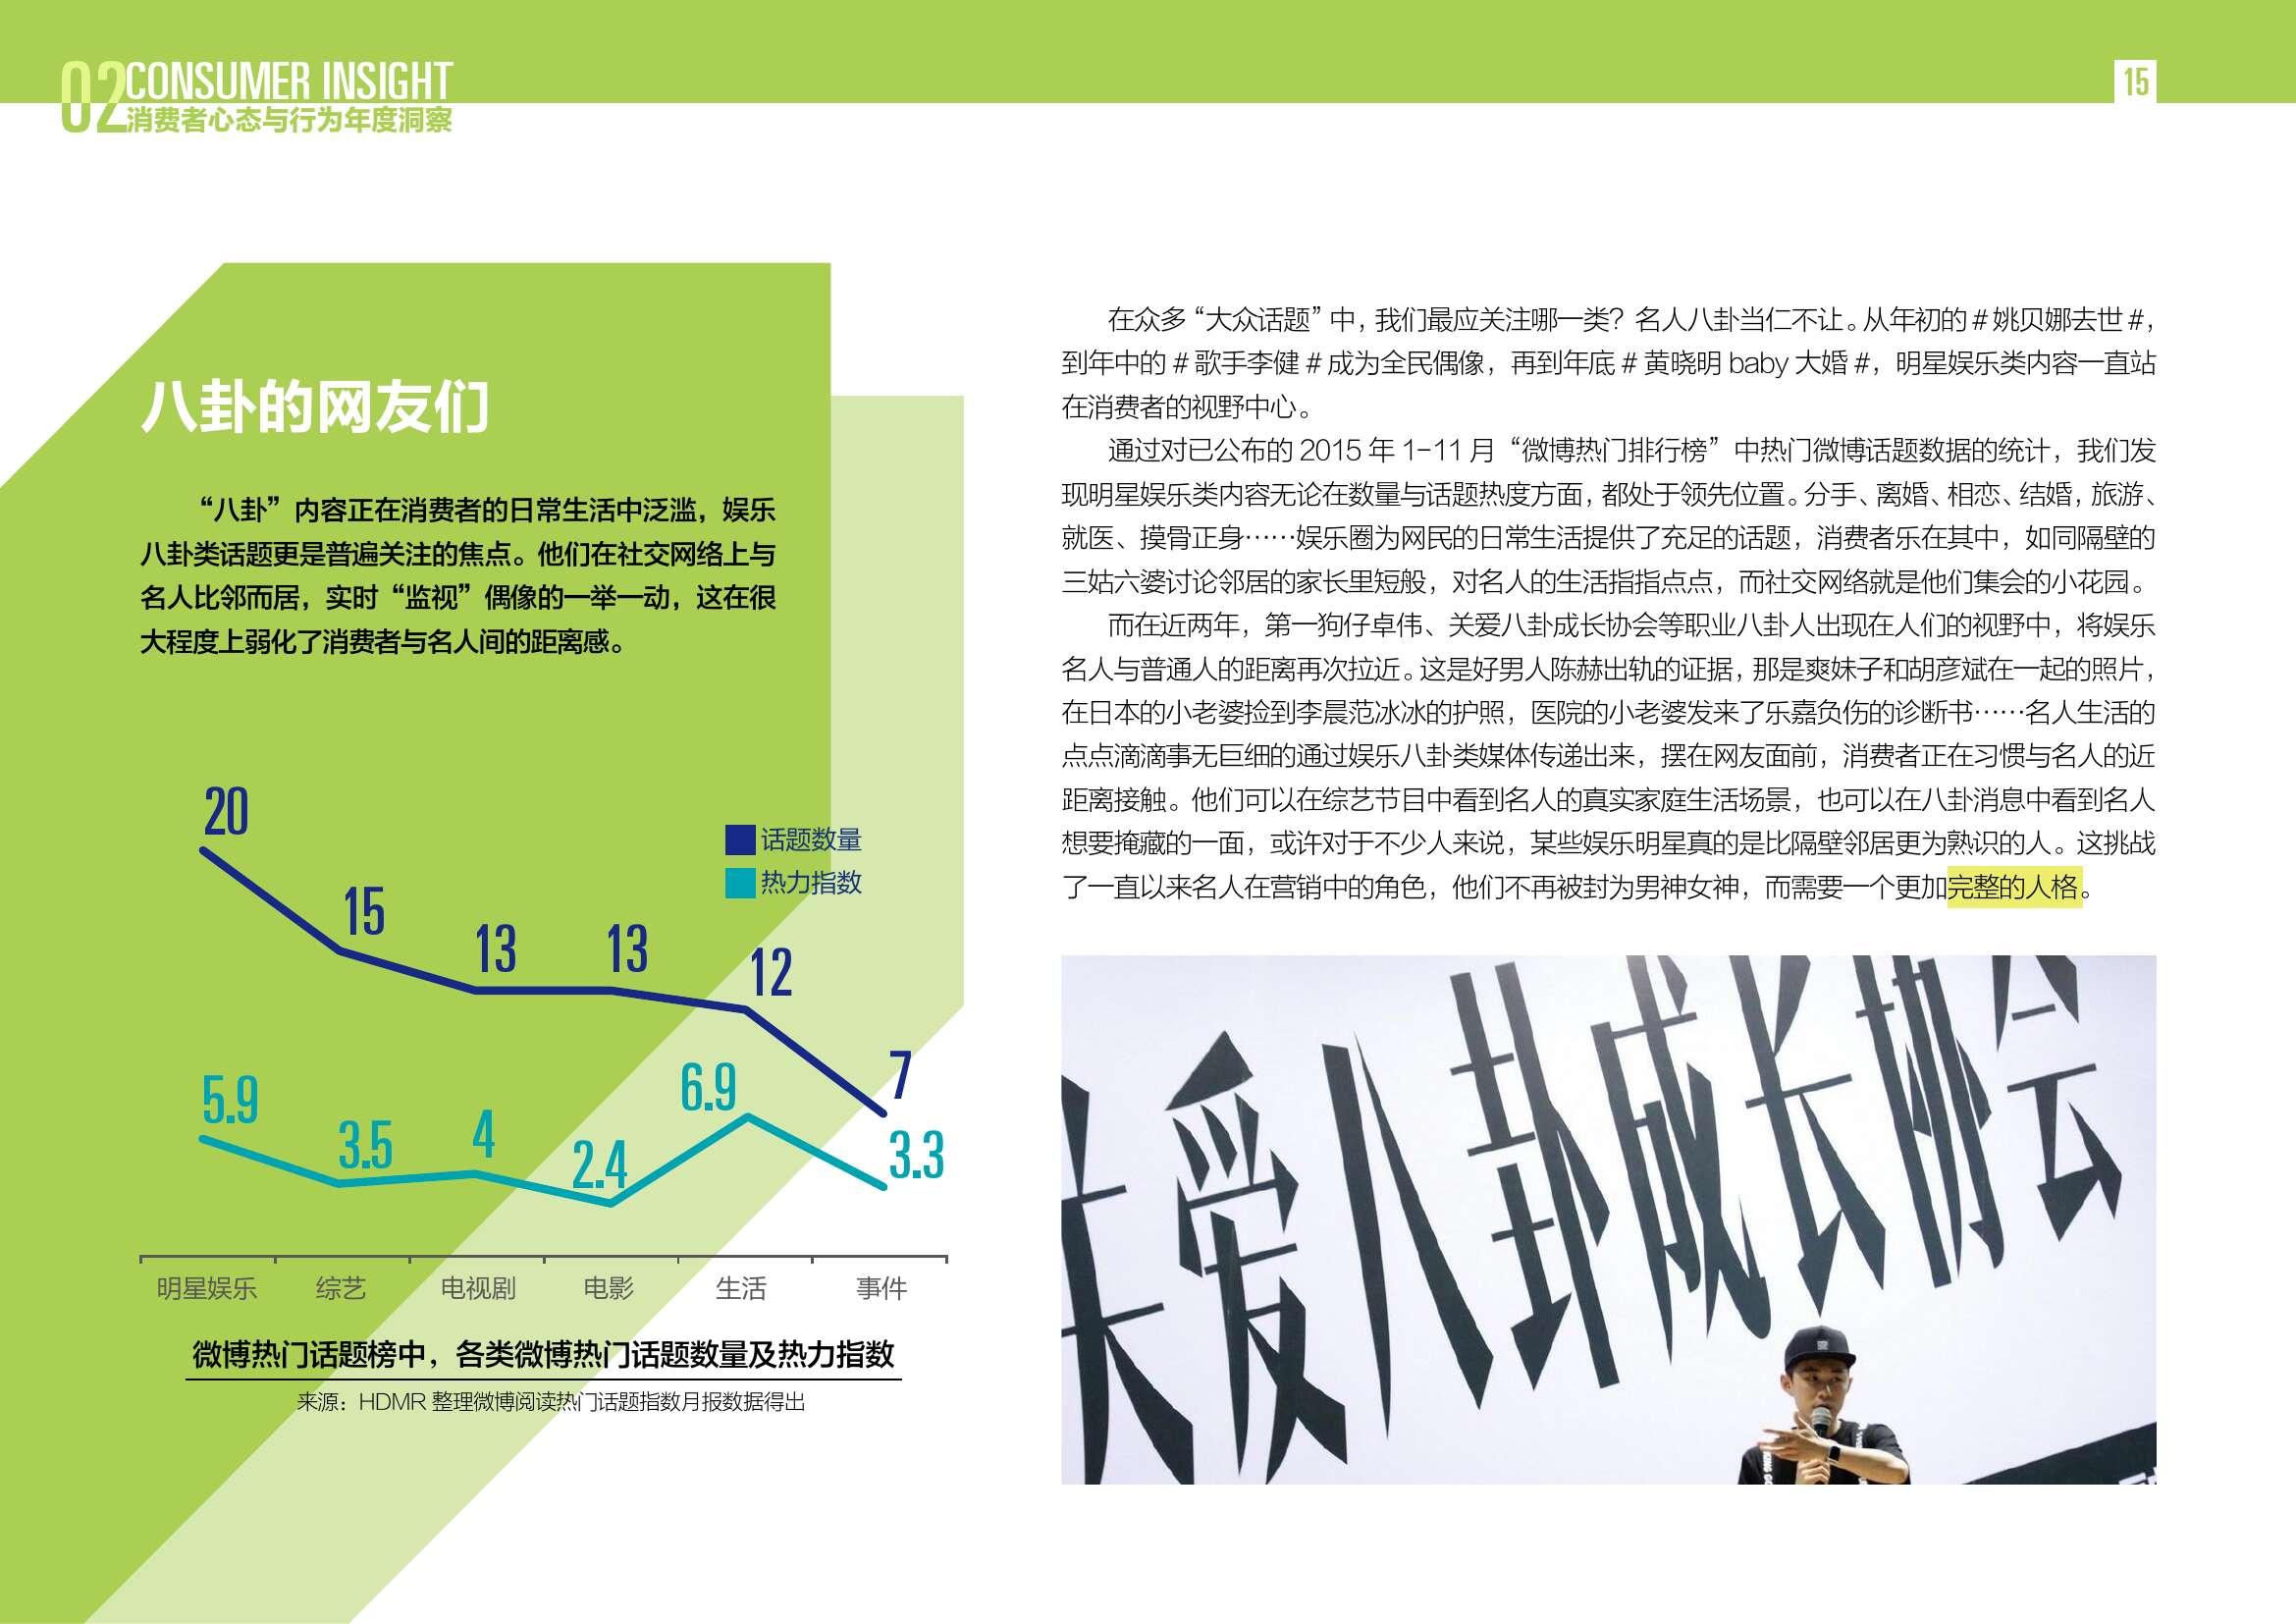 2016中国数字营销行动报告_000015